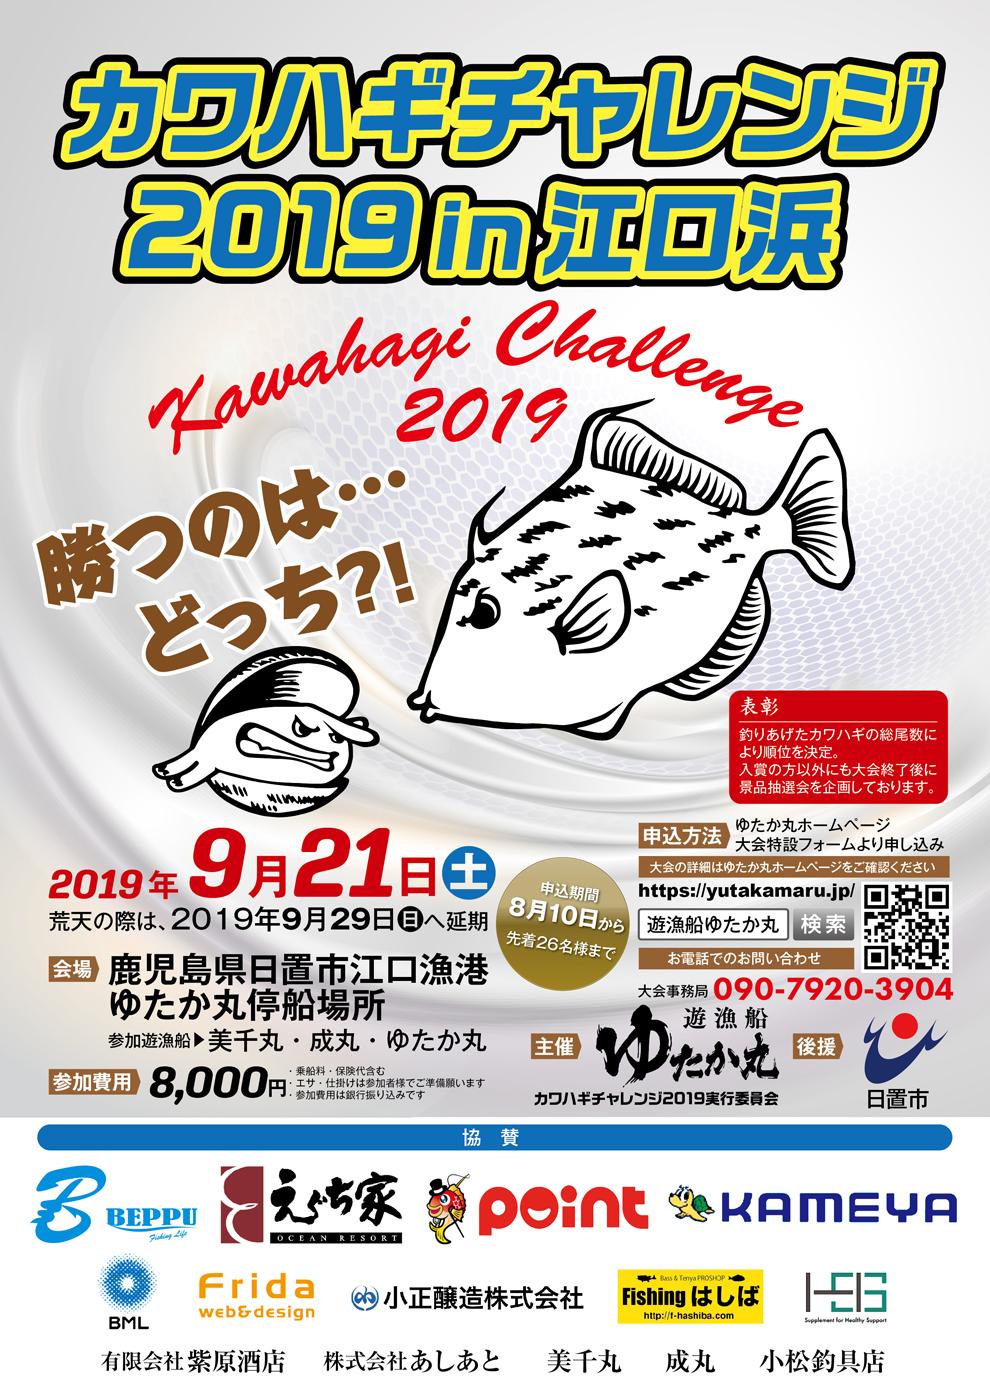 カワハギチャレンジ2019を開催いたします!